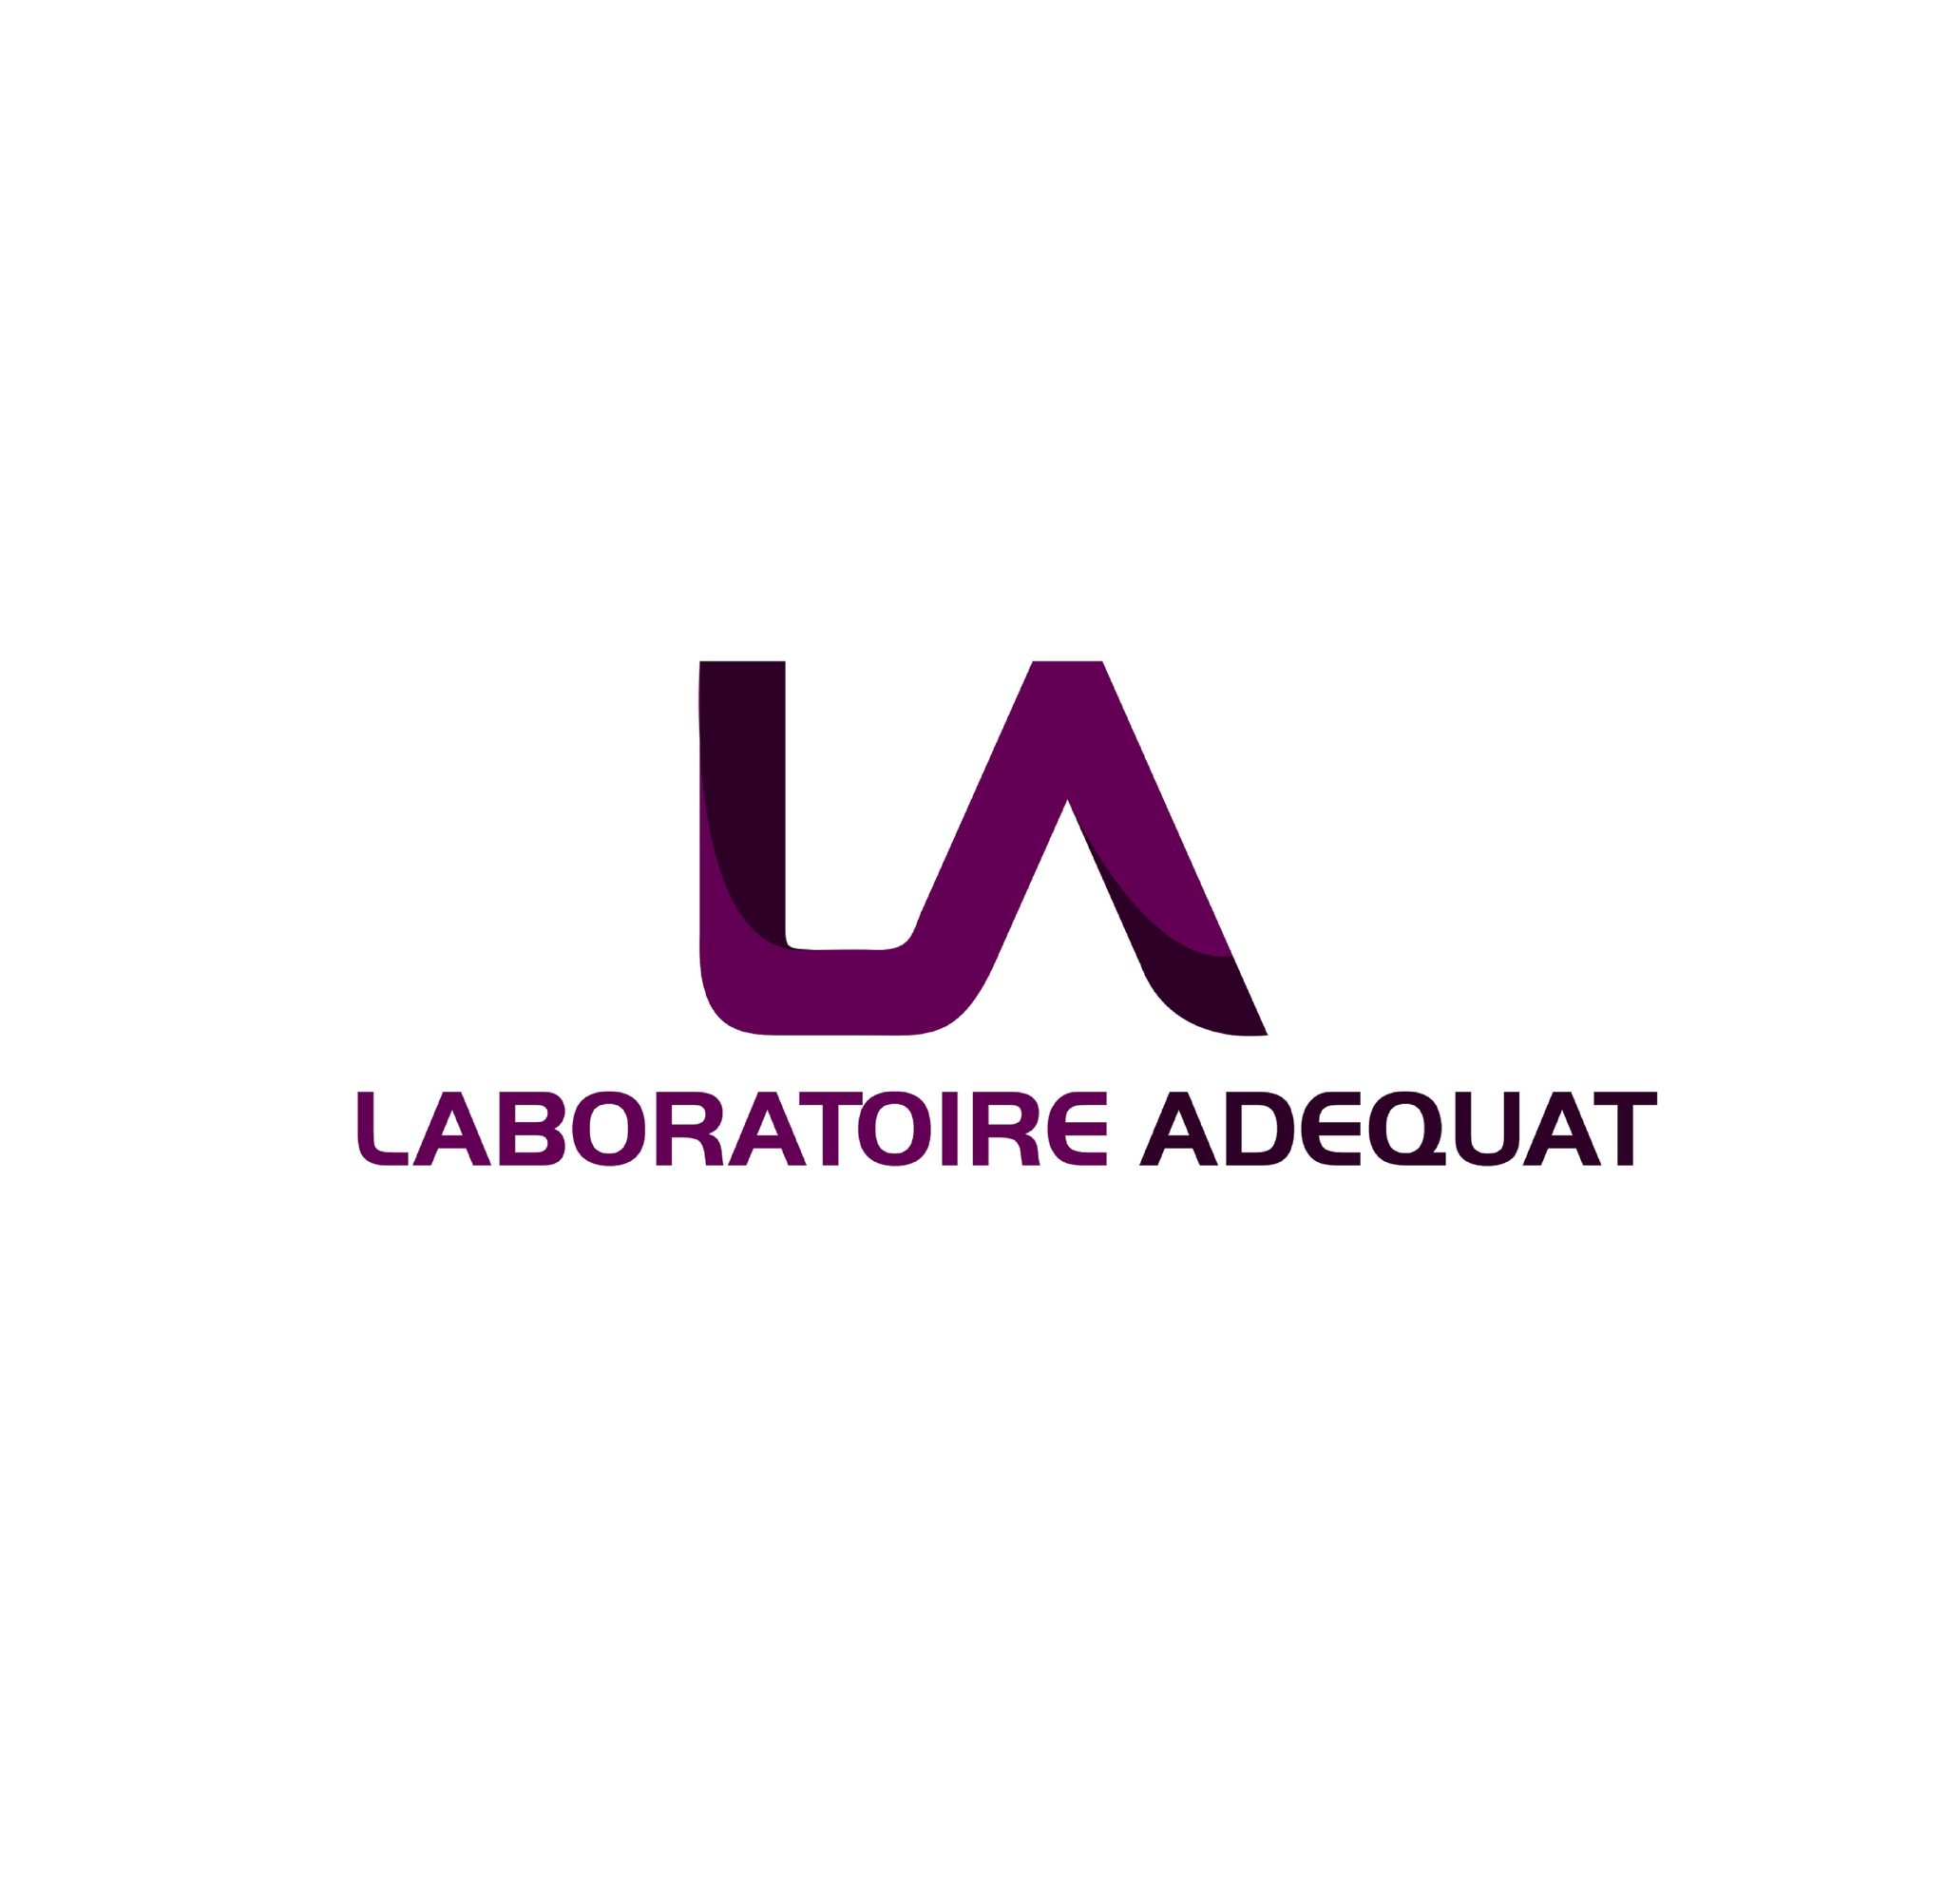 Laboratoire Adequat